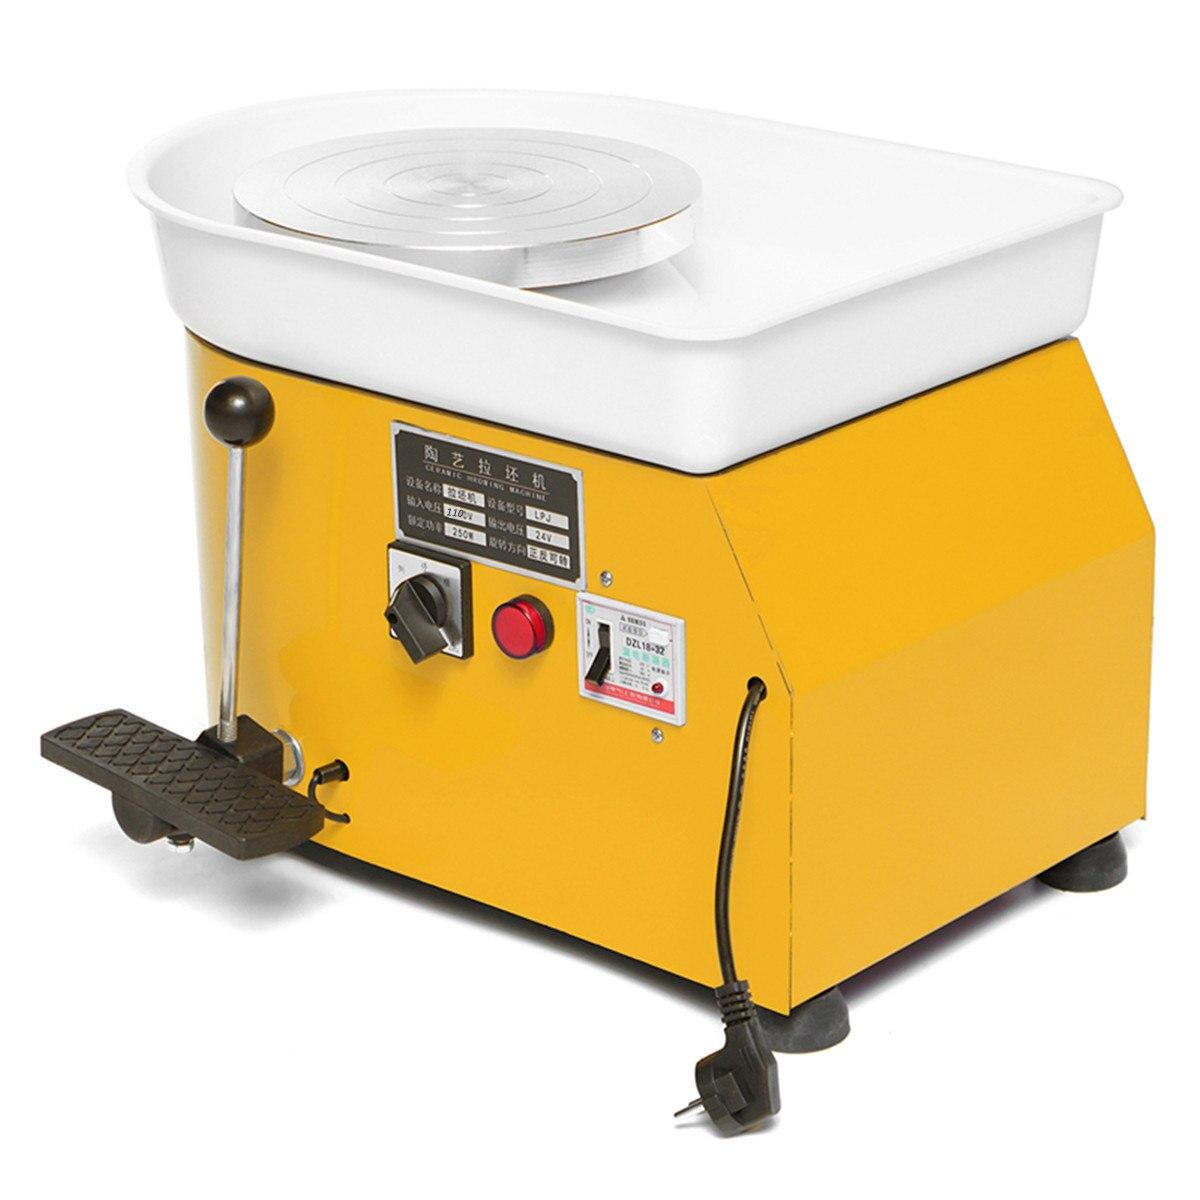 NOUS Élégant Jaune Électrique Tour De Potier Machine Accessoire Céramique Argile Outil Pied Pédale Art Artisanat 250 w 110 v